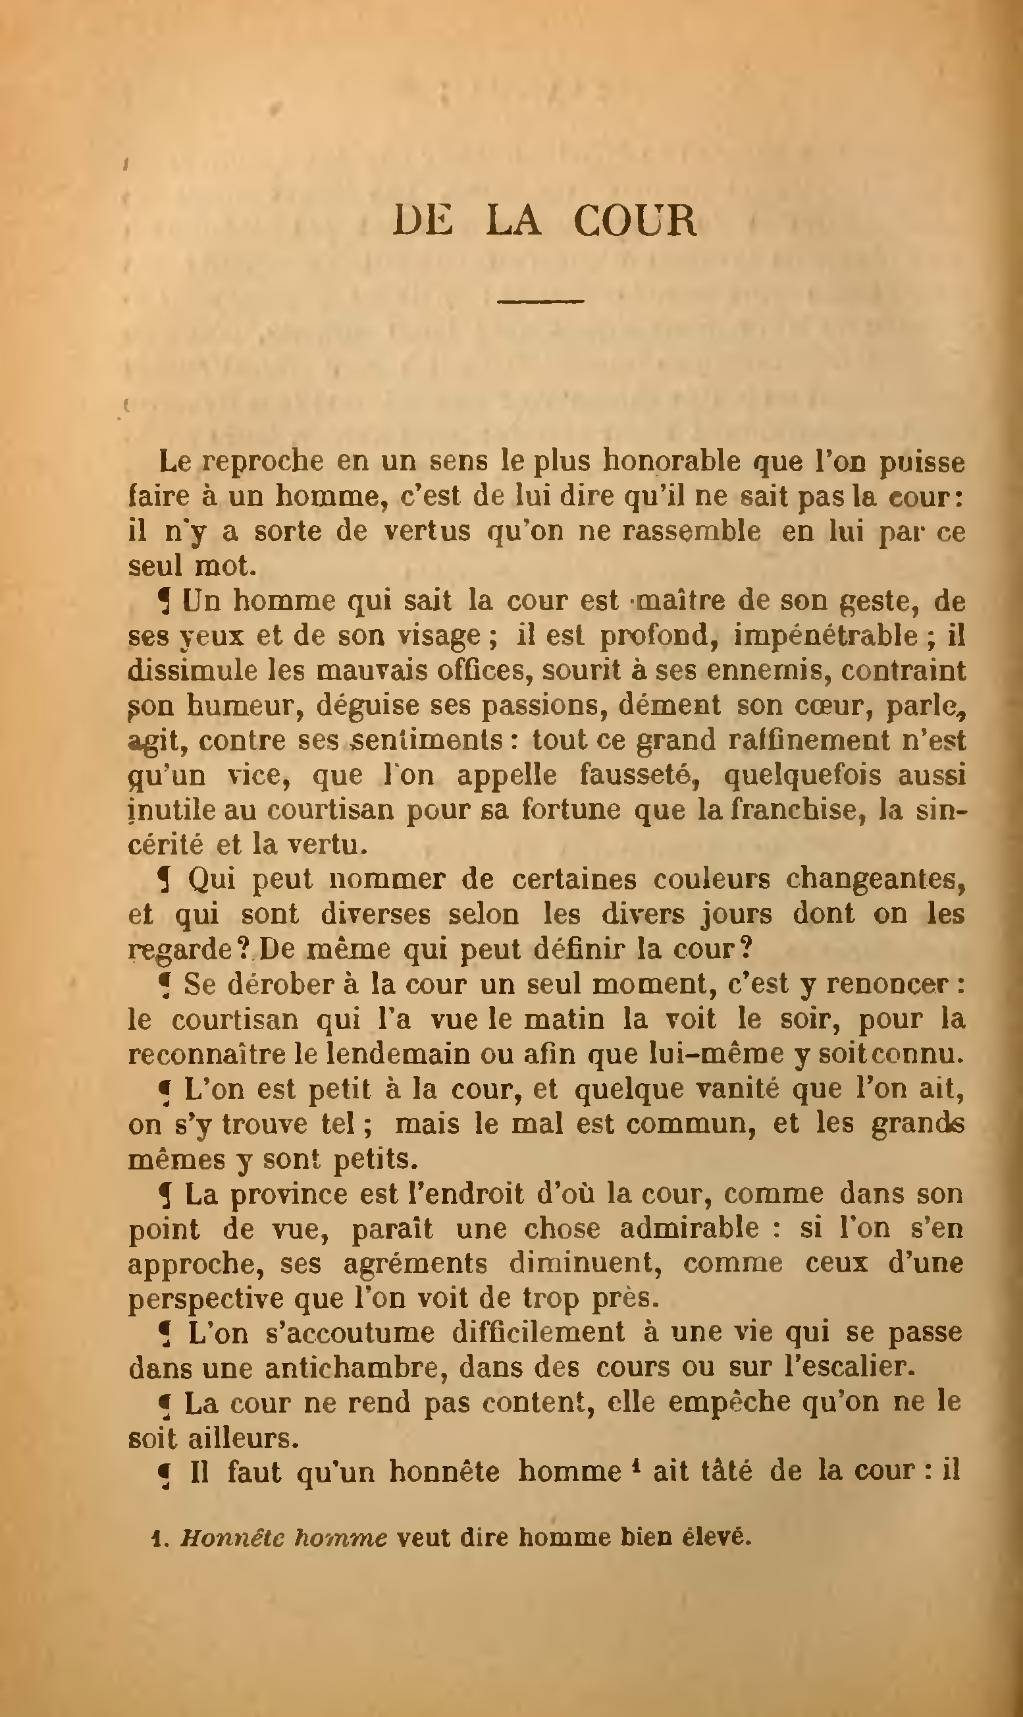 Les Caractères La Bruyère Texte : caractères, bruyère, texte, Page:La, Bruyère, Caractères,, Flammarion,, 1880.djvu/172, Wikisource